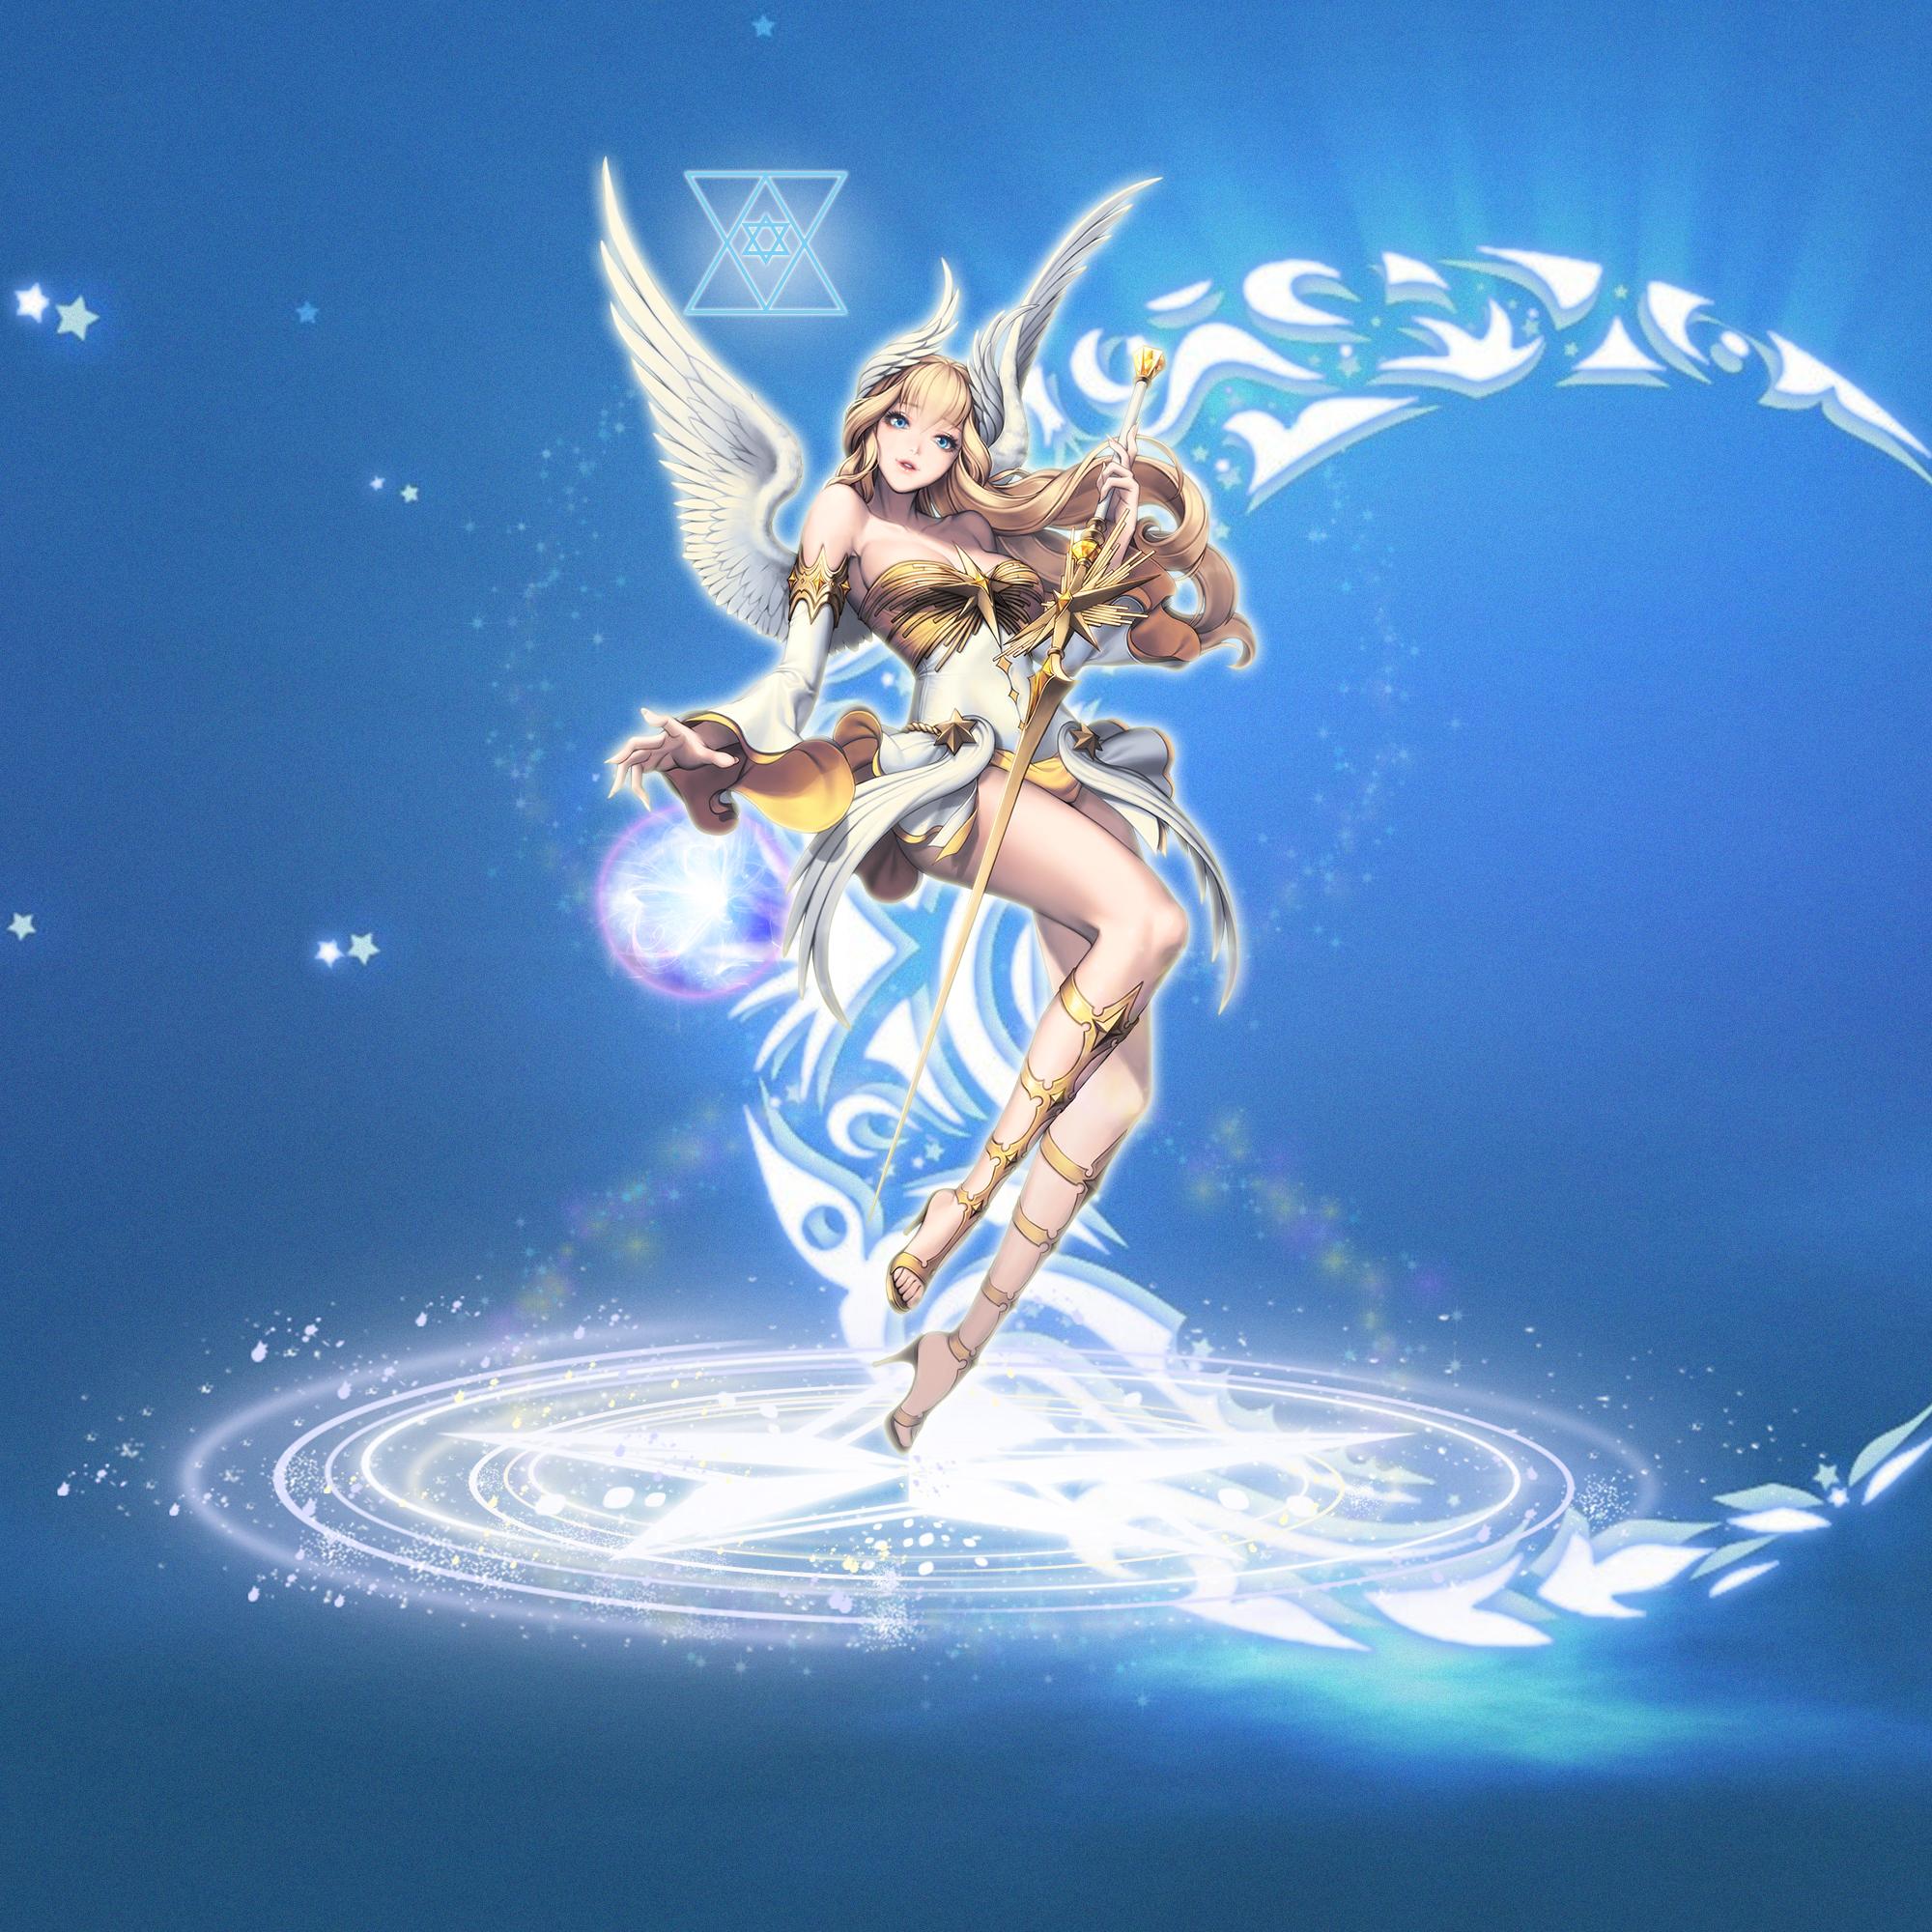 简单梦幻精灵和天使合成图片